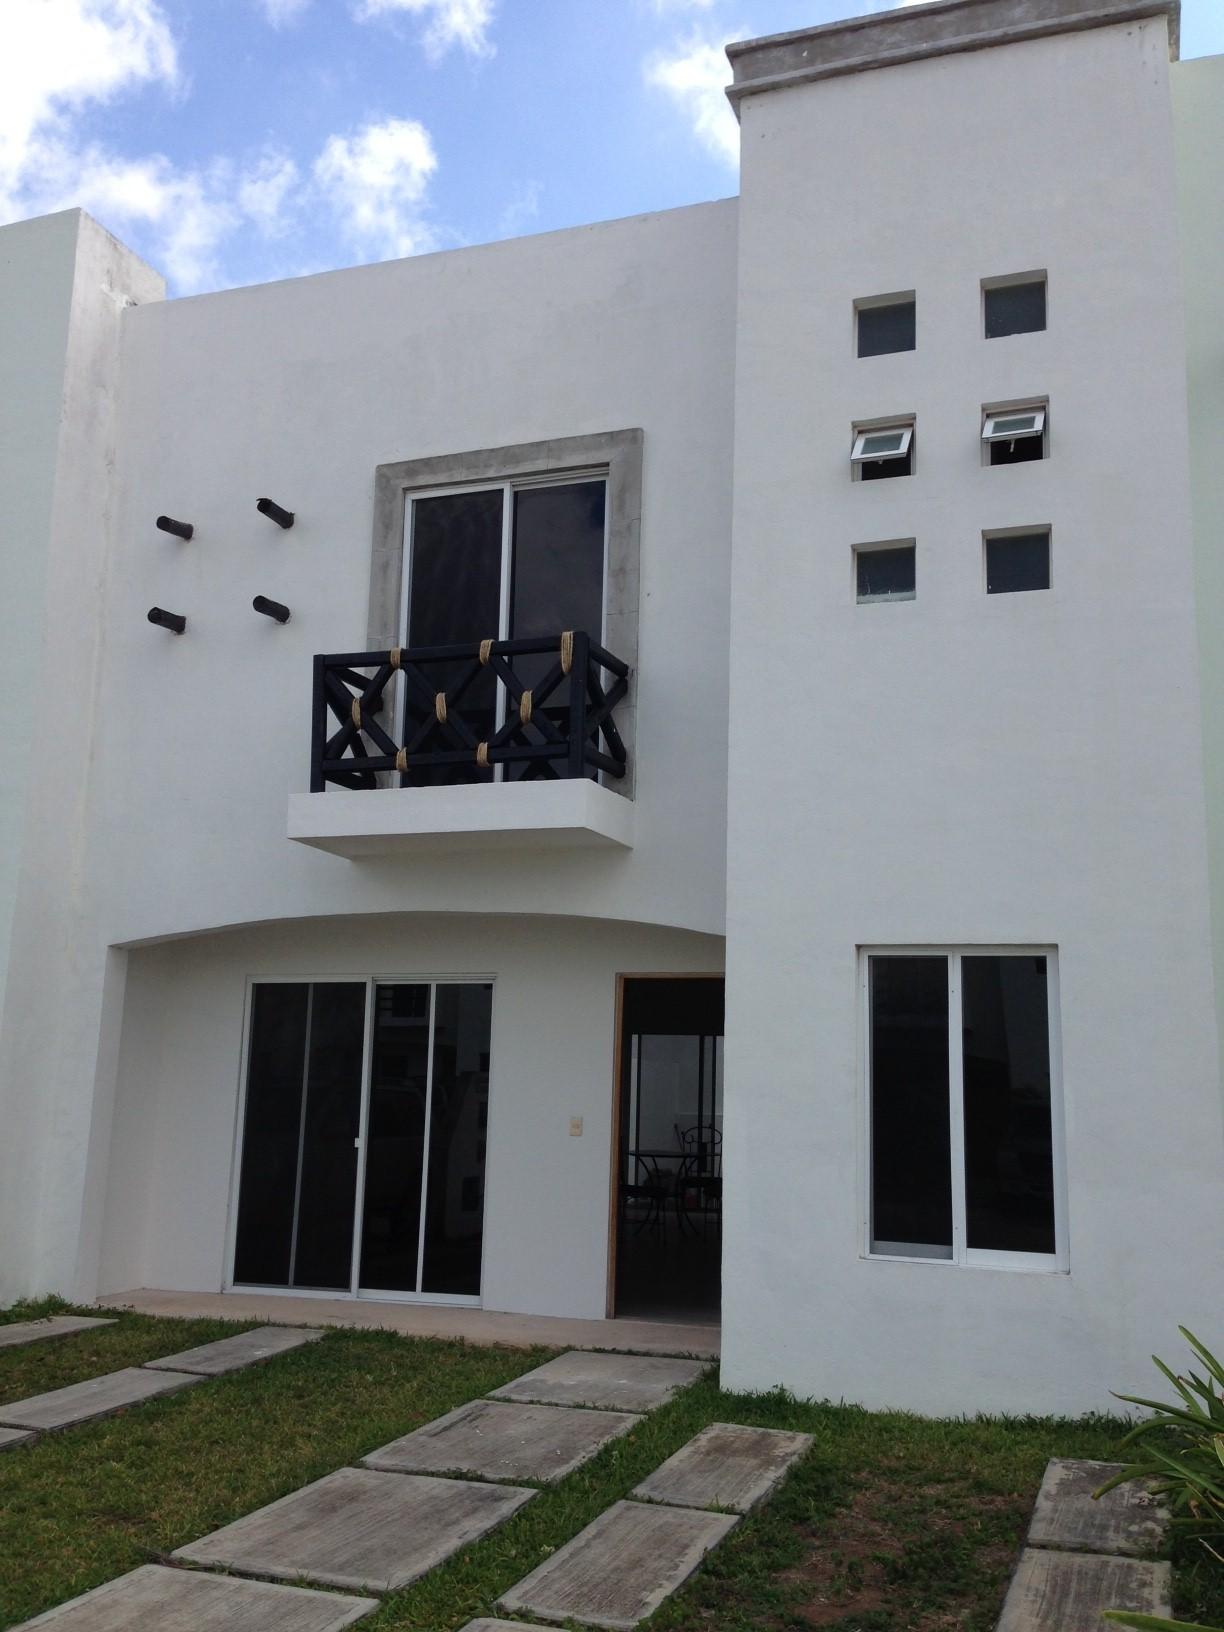 Casa en renta en sm 523 canc n 22044 hab tala for Renta casa minimalista cancun